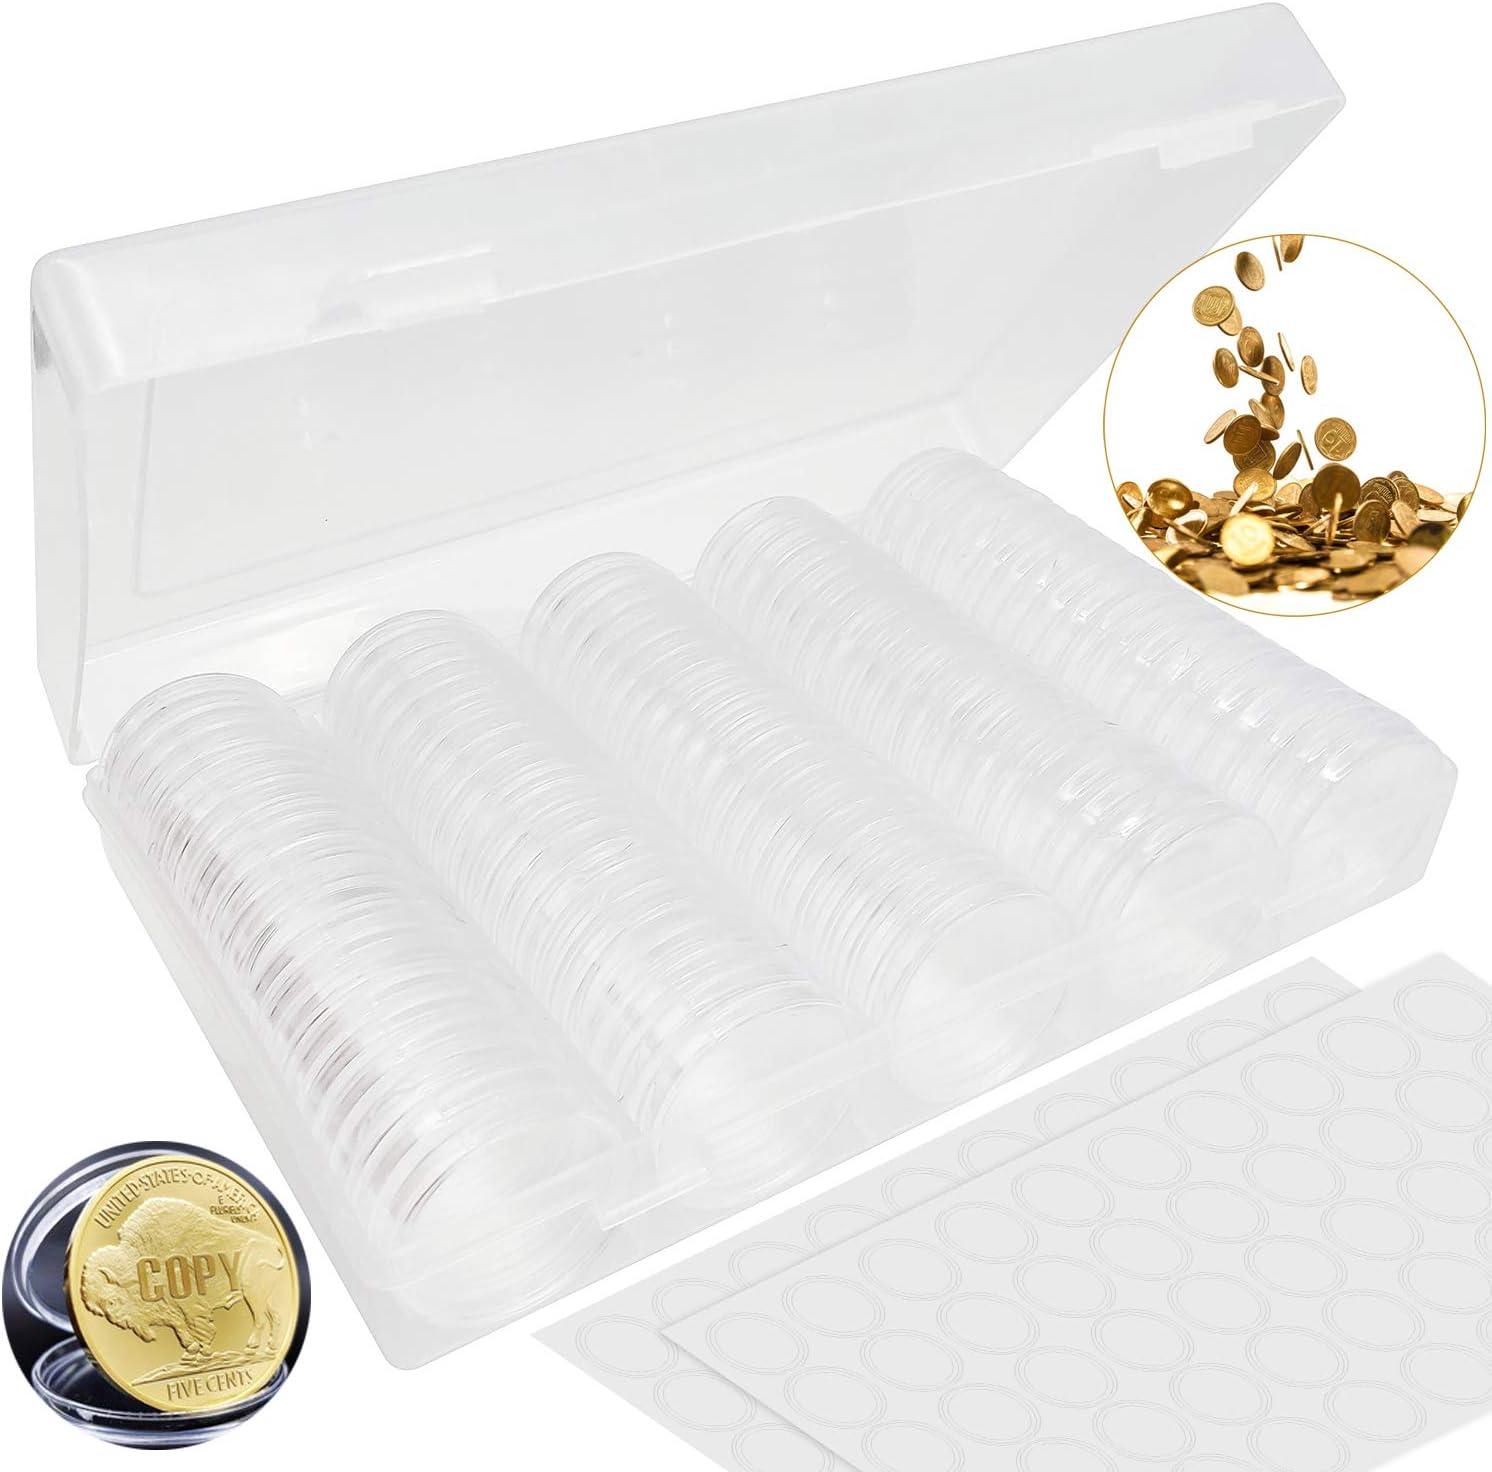 contenenti 100 guarnizioni in schiuma utilizzate per conservare varie monete commemorative. N//C rotonde da 30 mm 100 capsule per monete